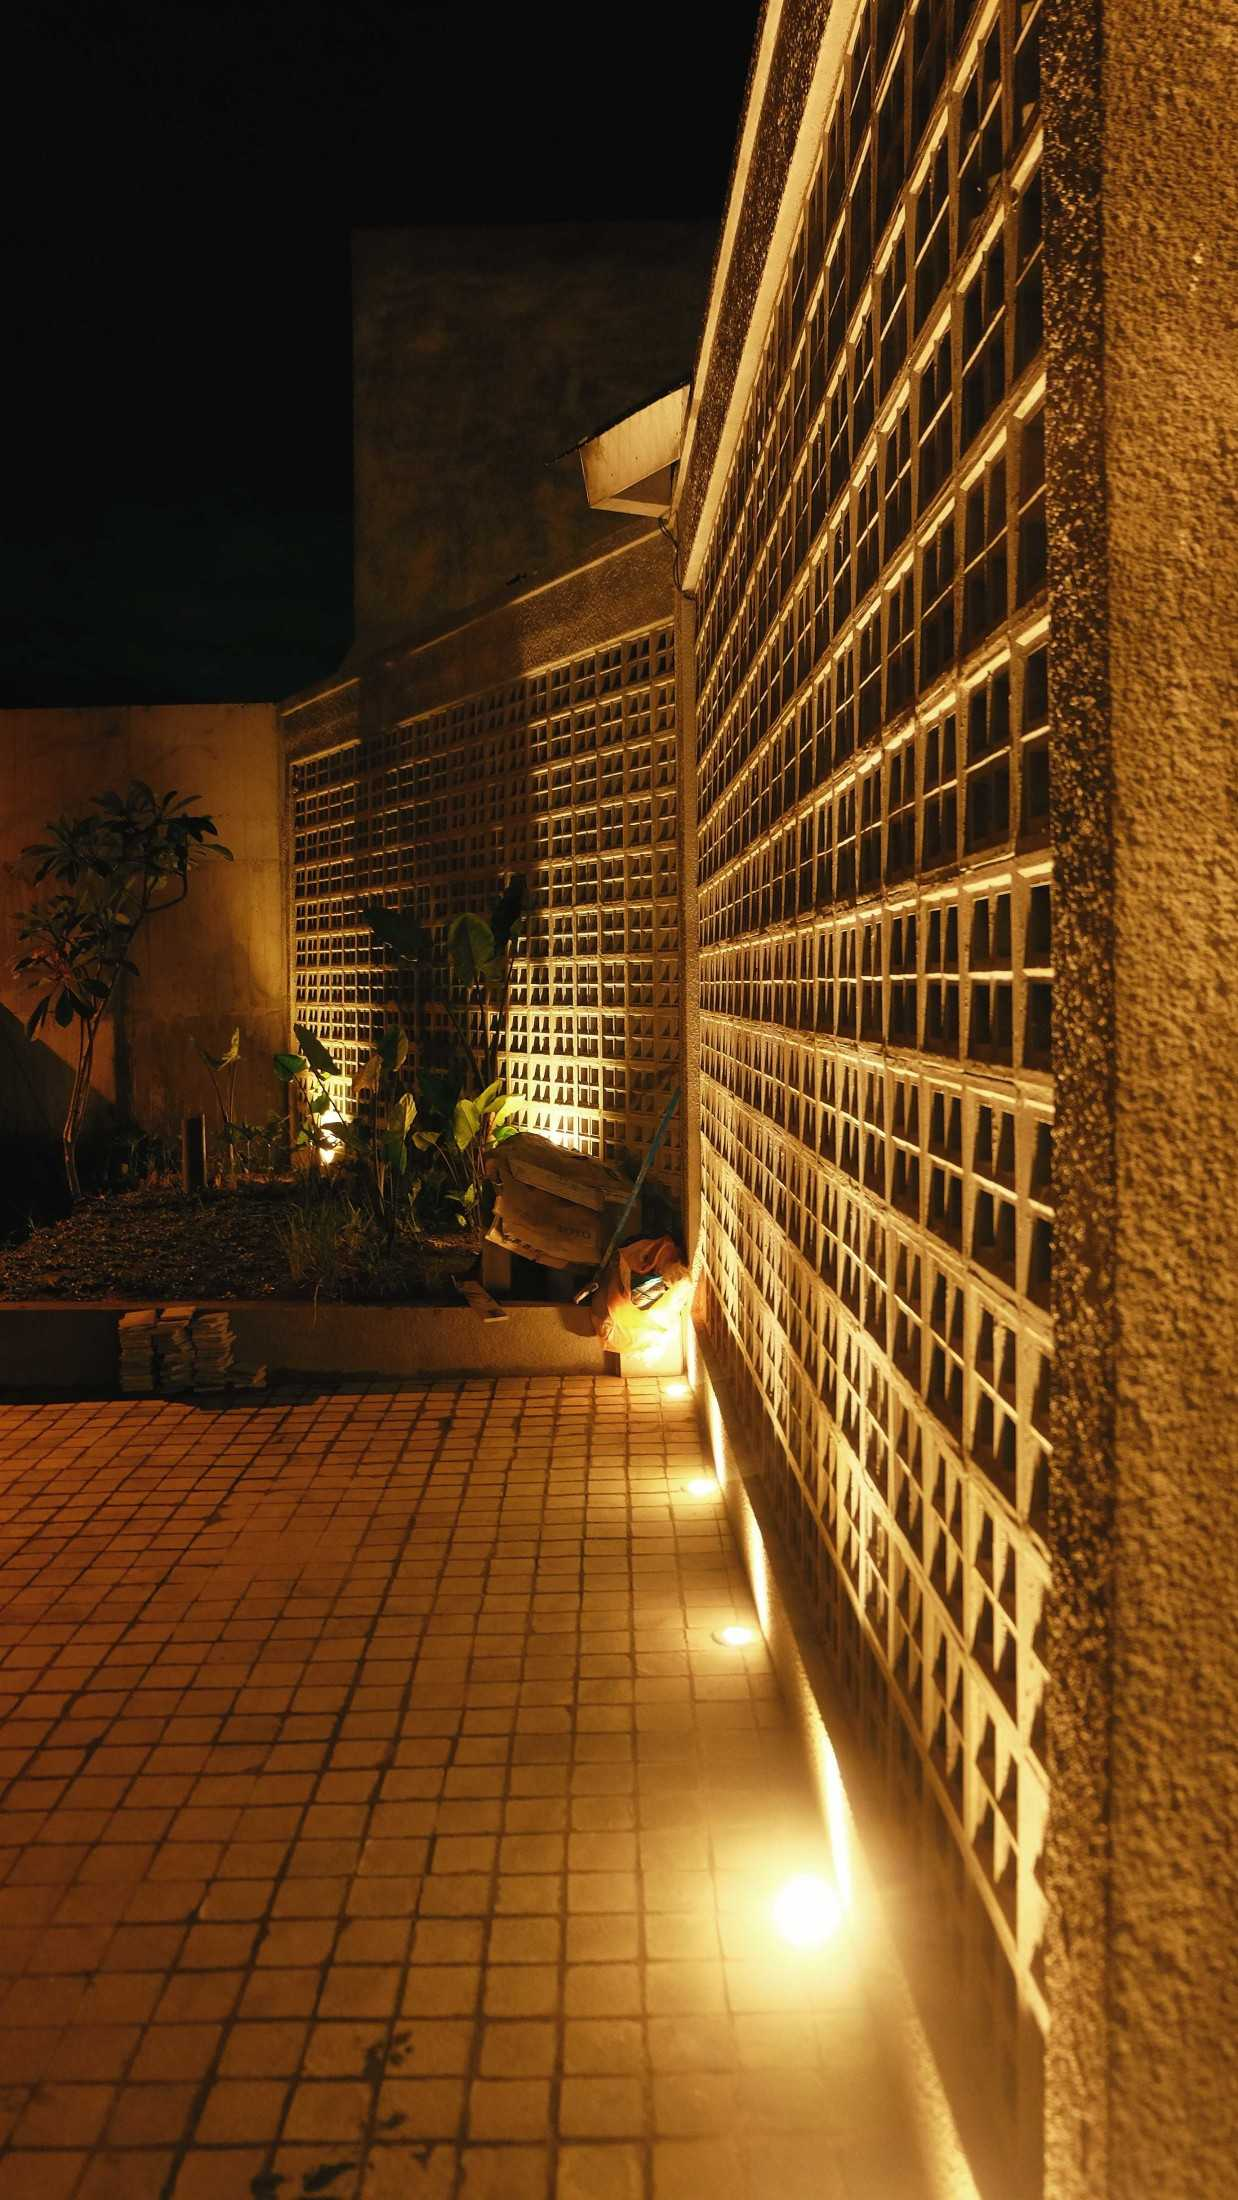 Birka Loci Fa House Surabaya, Kota Sby, Jawa Timur, Indonesia Surabaya, Kota Sby, Jawa Timur, Indonesia Aditya-Wiratama-Architect-Fa-House  89207